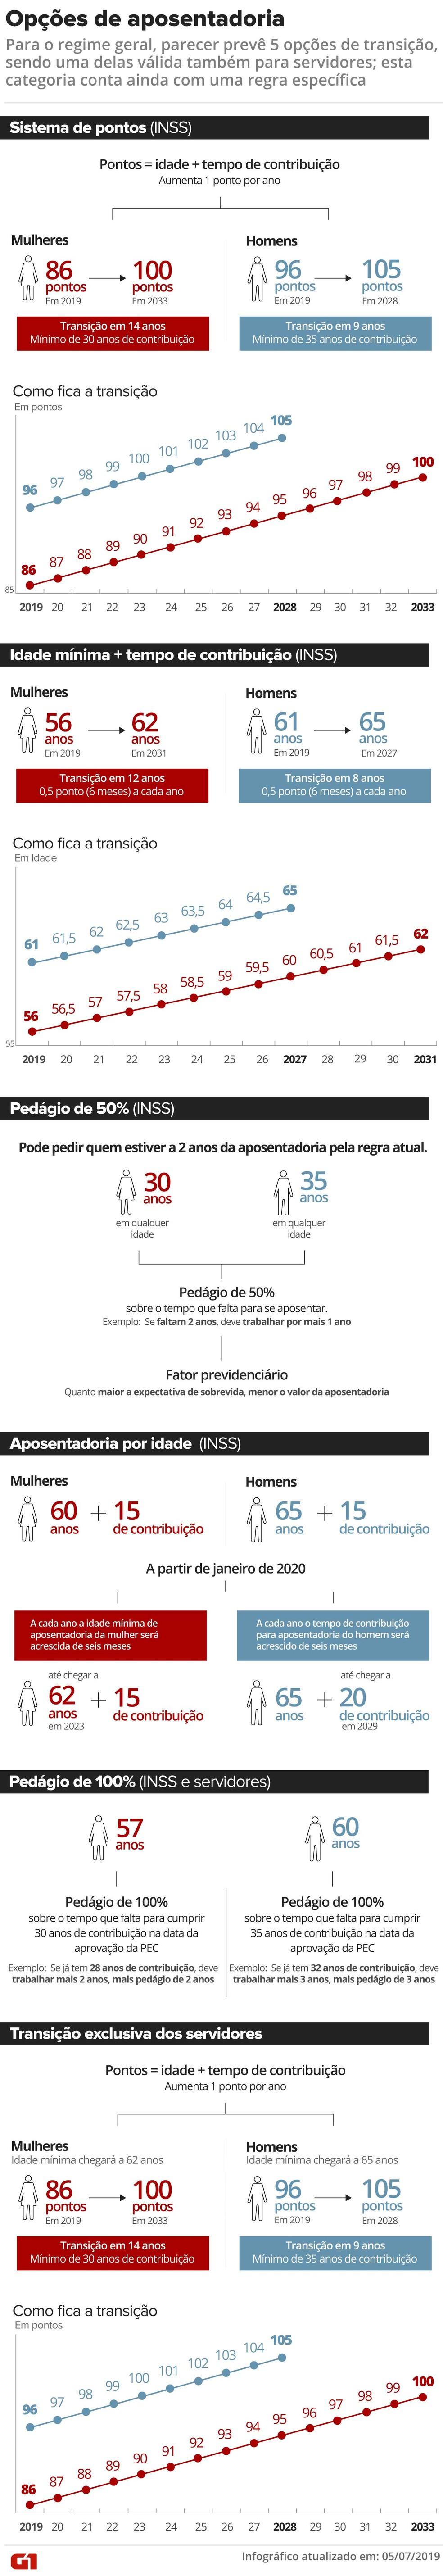 Regras de transição previstas no parecer do relator da reforma da Previdência na Câmara — Foto: Infografia G1